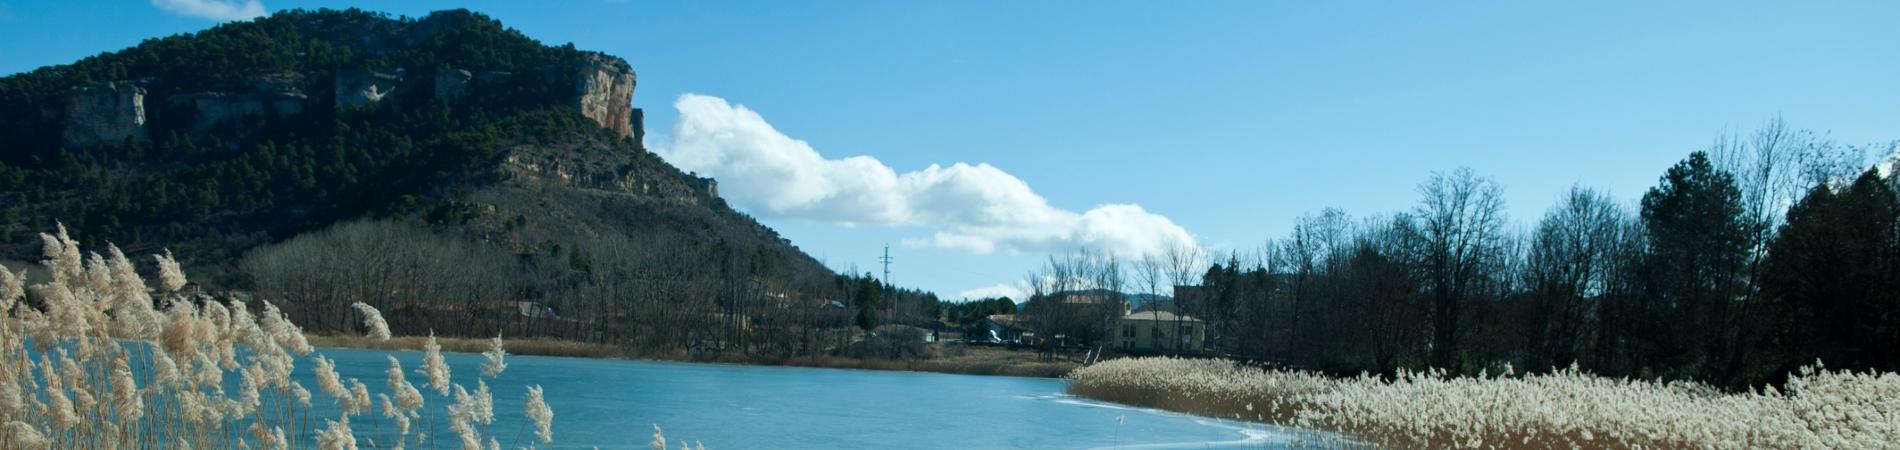 paisaxe dun río e unha montaña